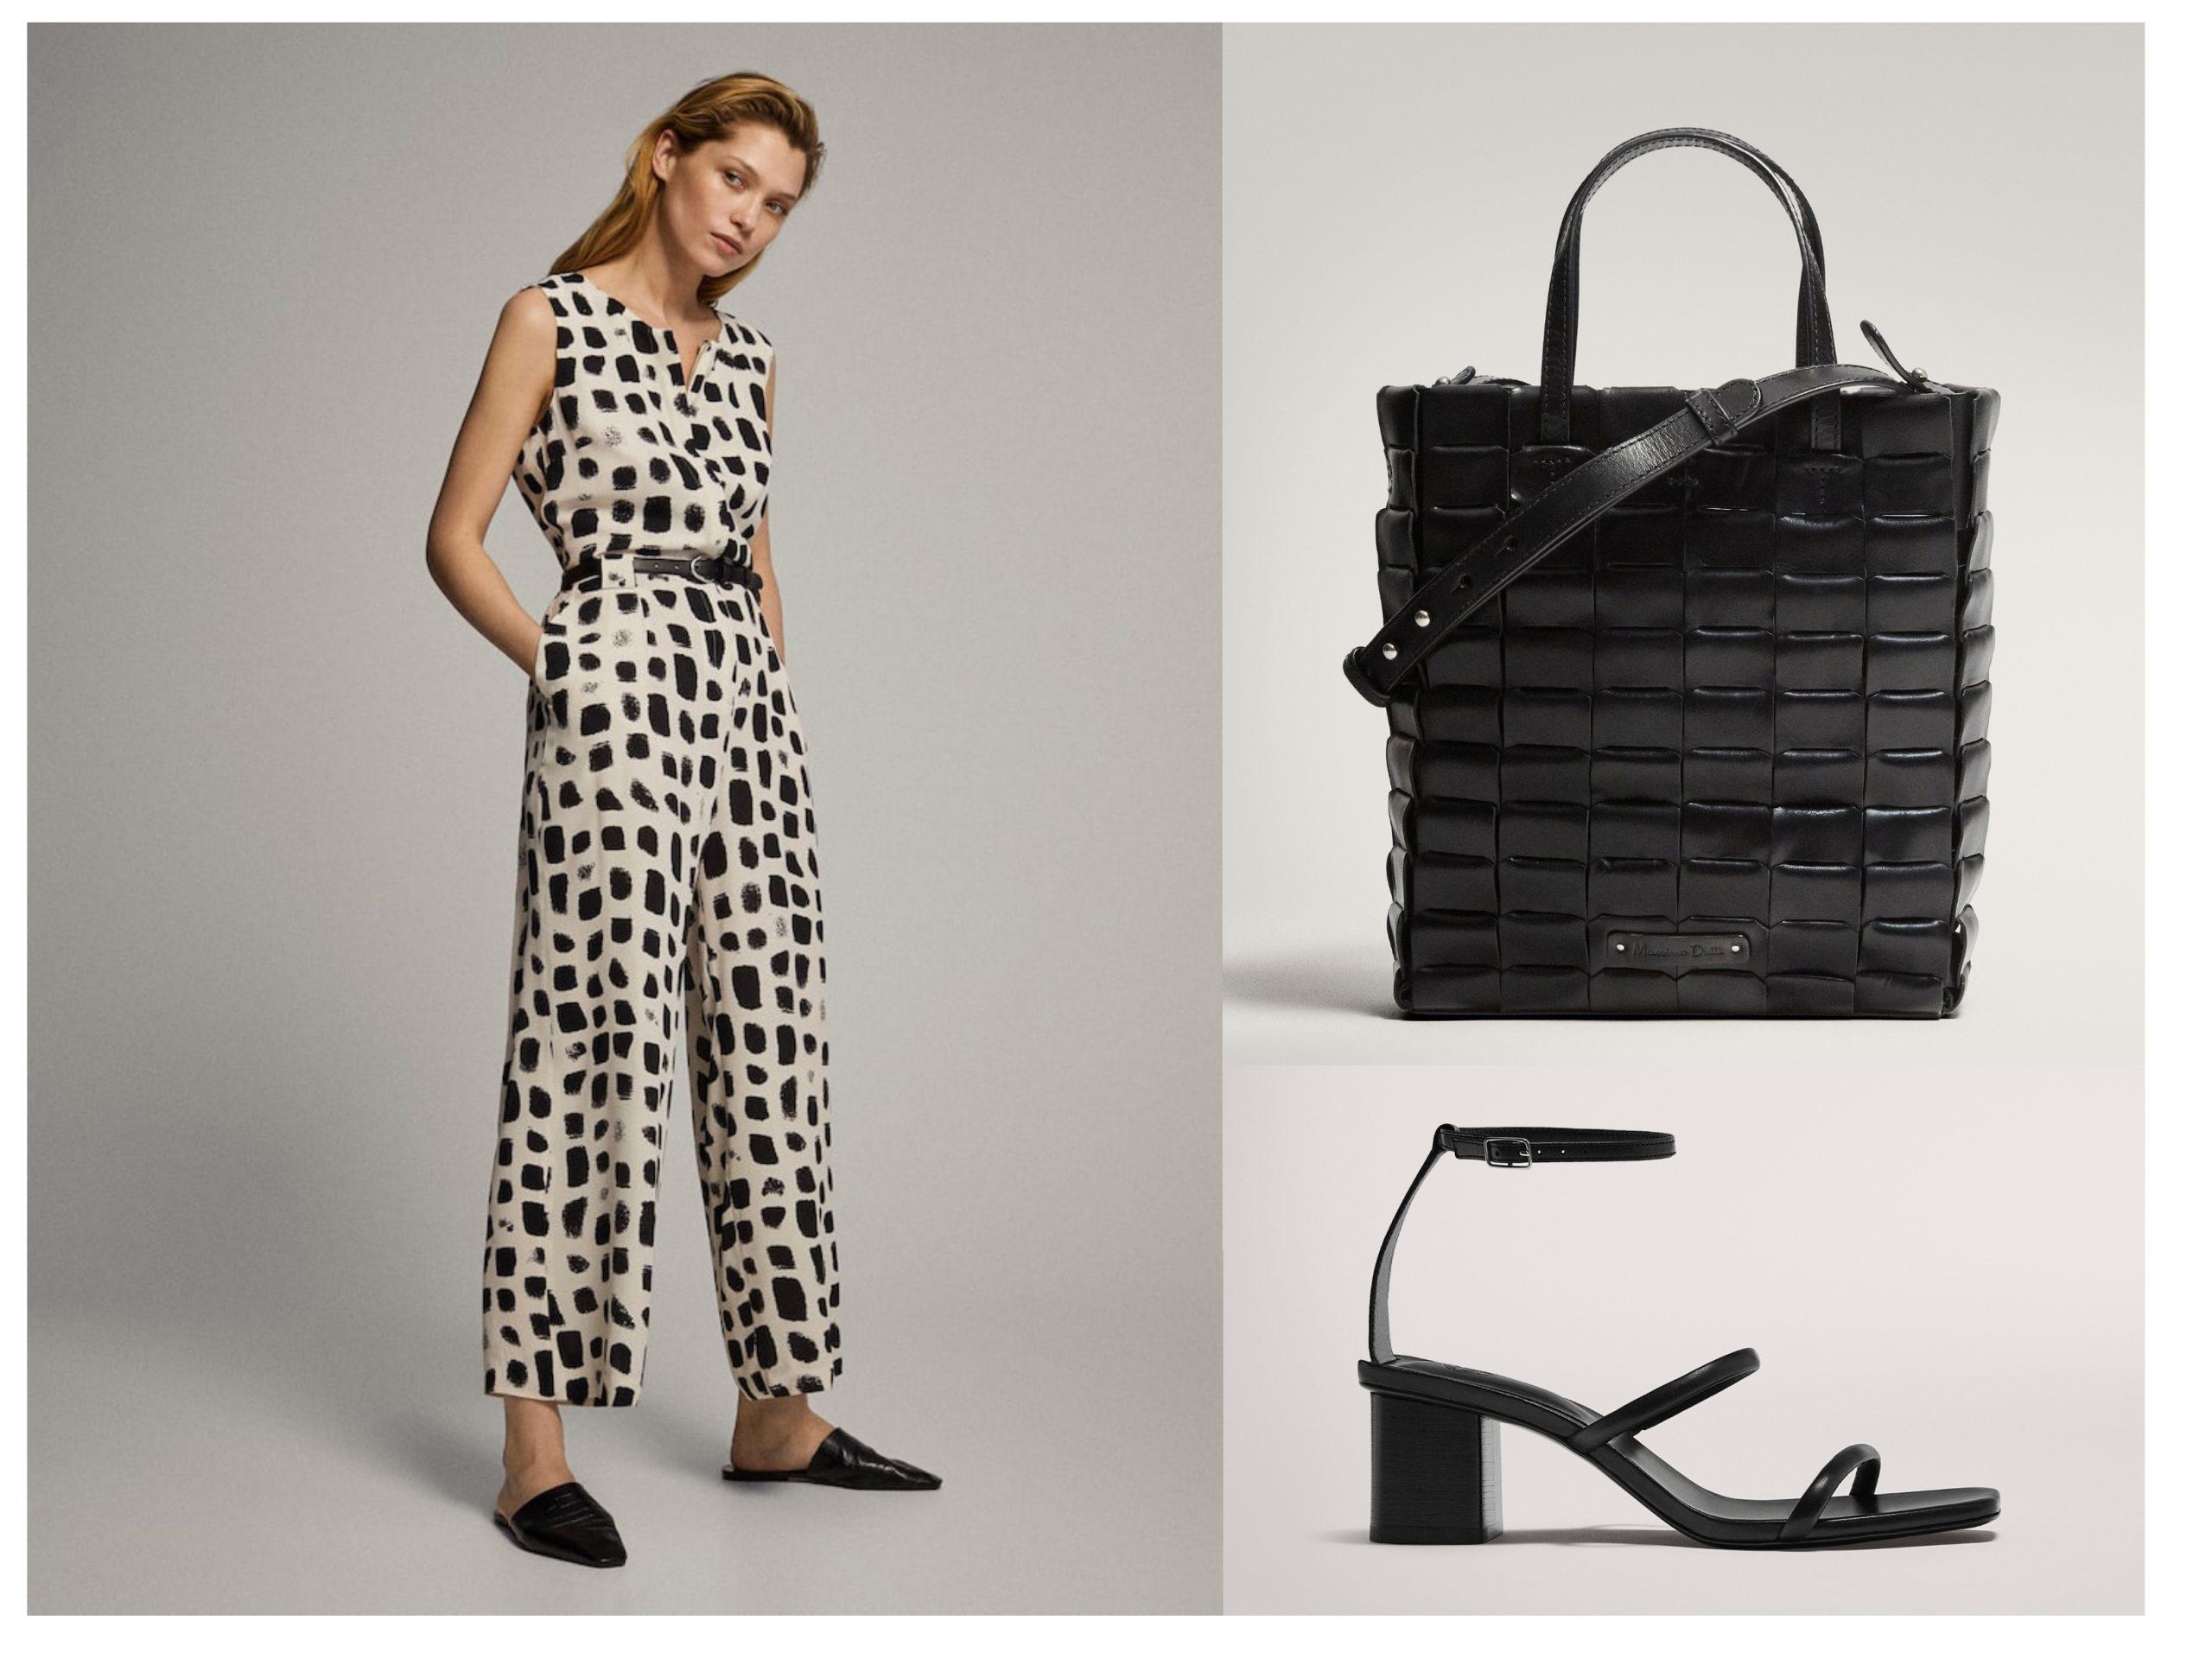 Look de Massimo Dutti para ir a la oficina, cuenta con un mono con estampado, bolso negro de piel y zapatos de tacón con tiras.